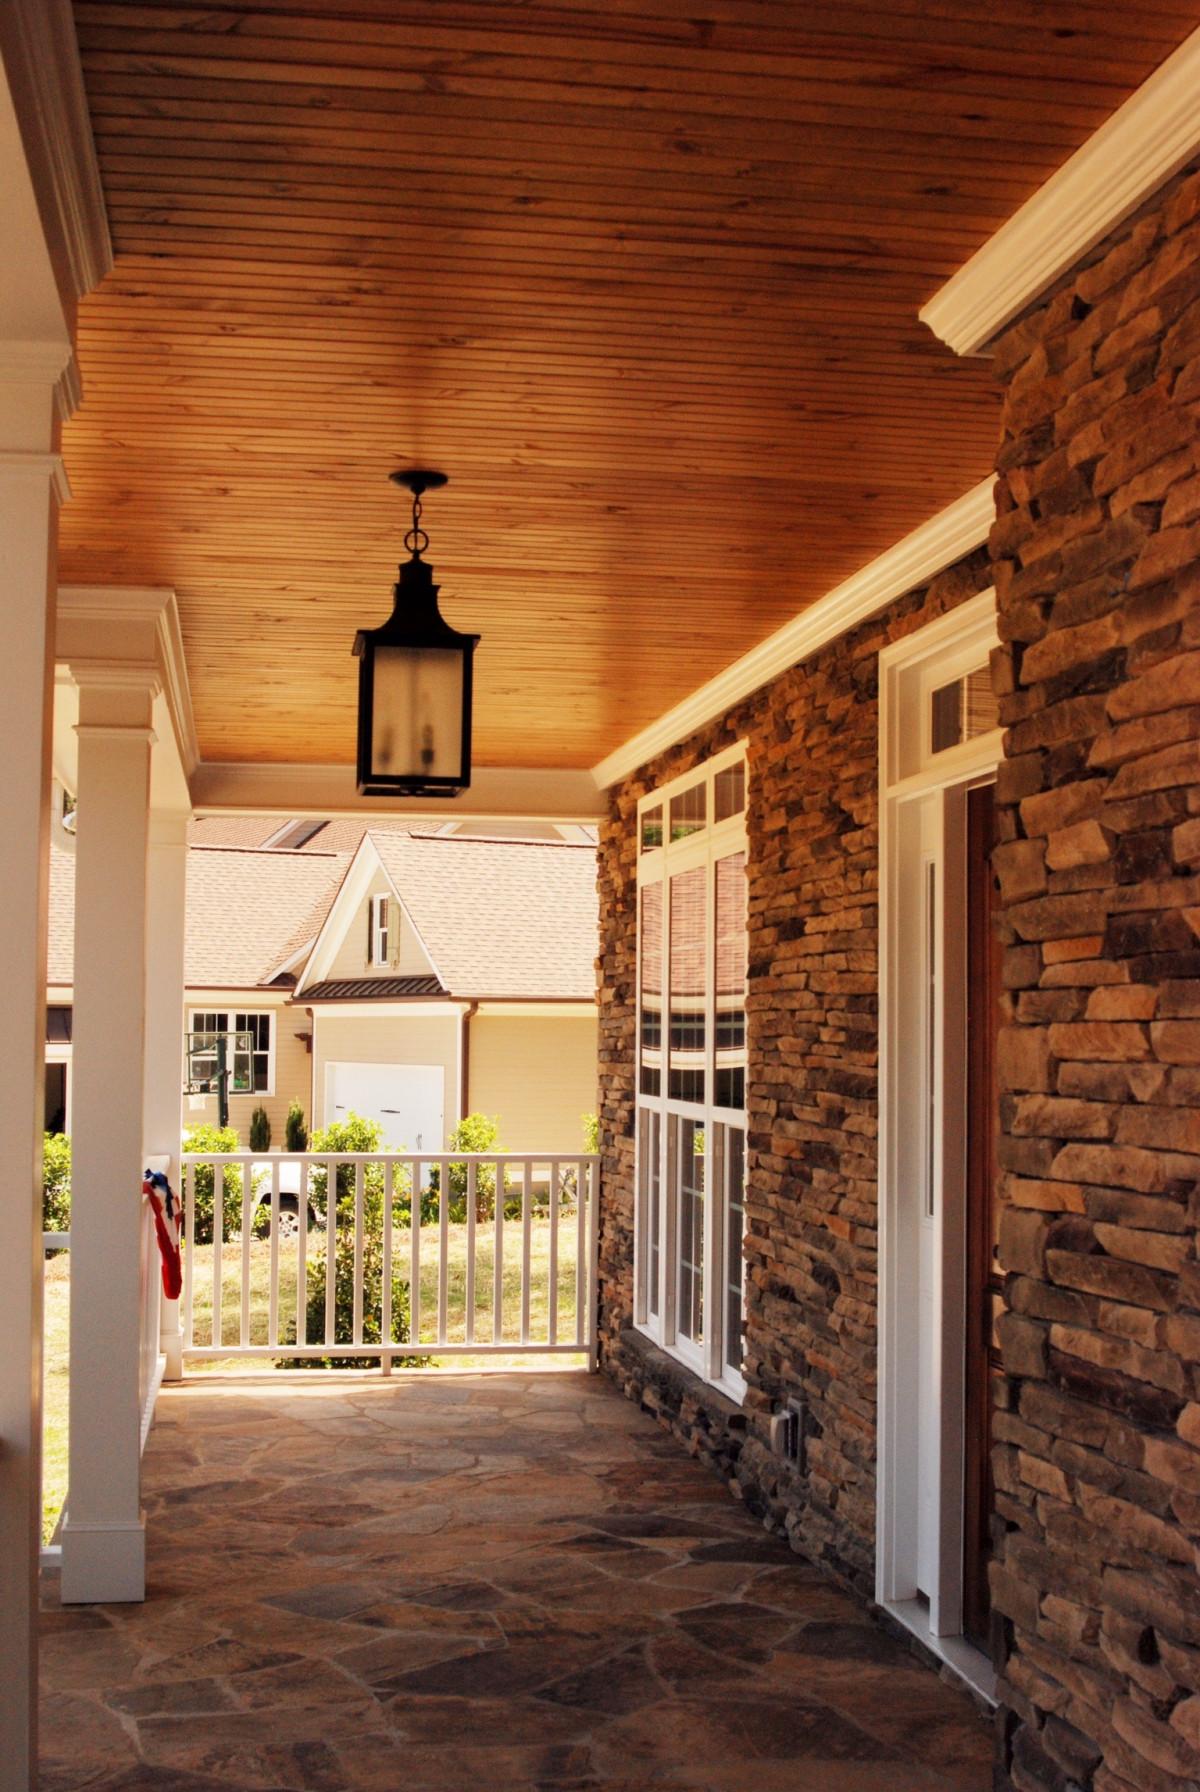 Fotos gratis piso porche sala caba a propiedad habitaci n iluminaci n puerta dise o de - Diseno casa de madera ...